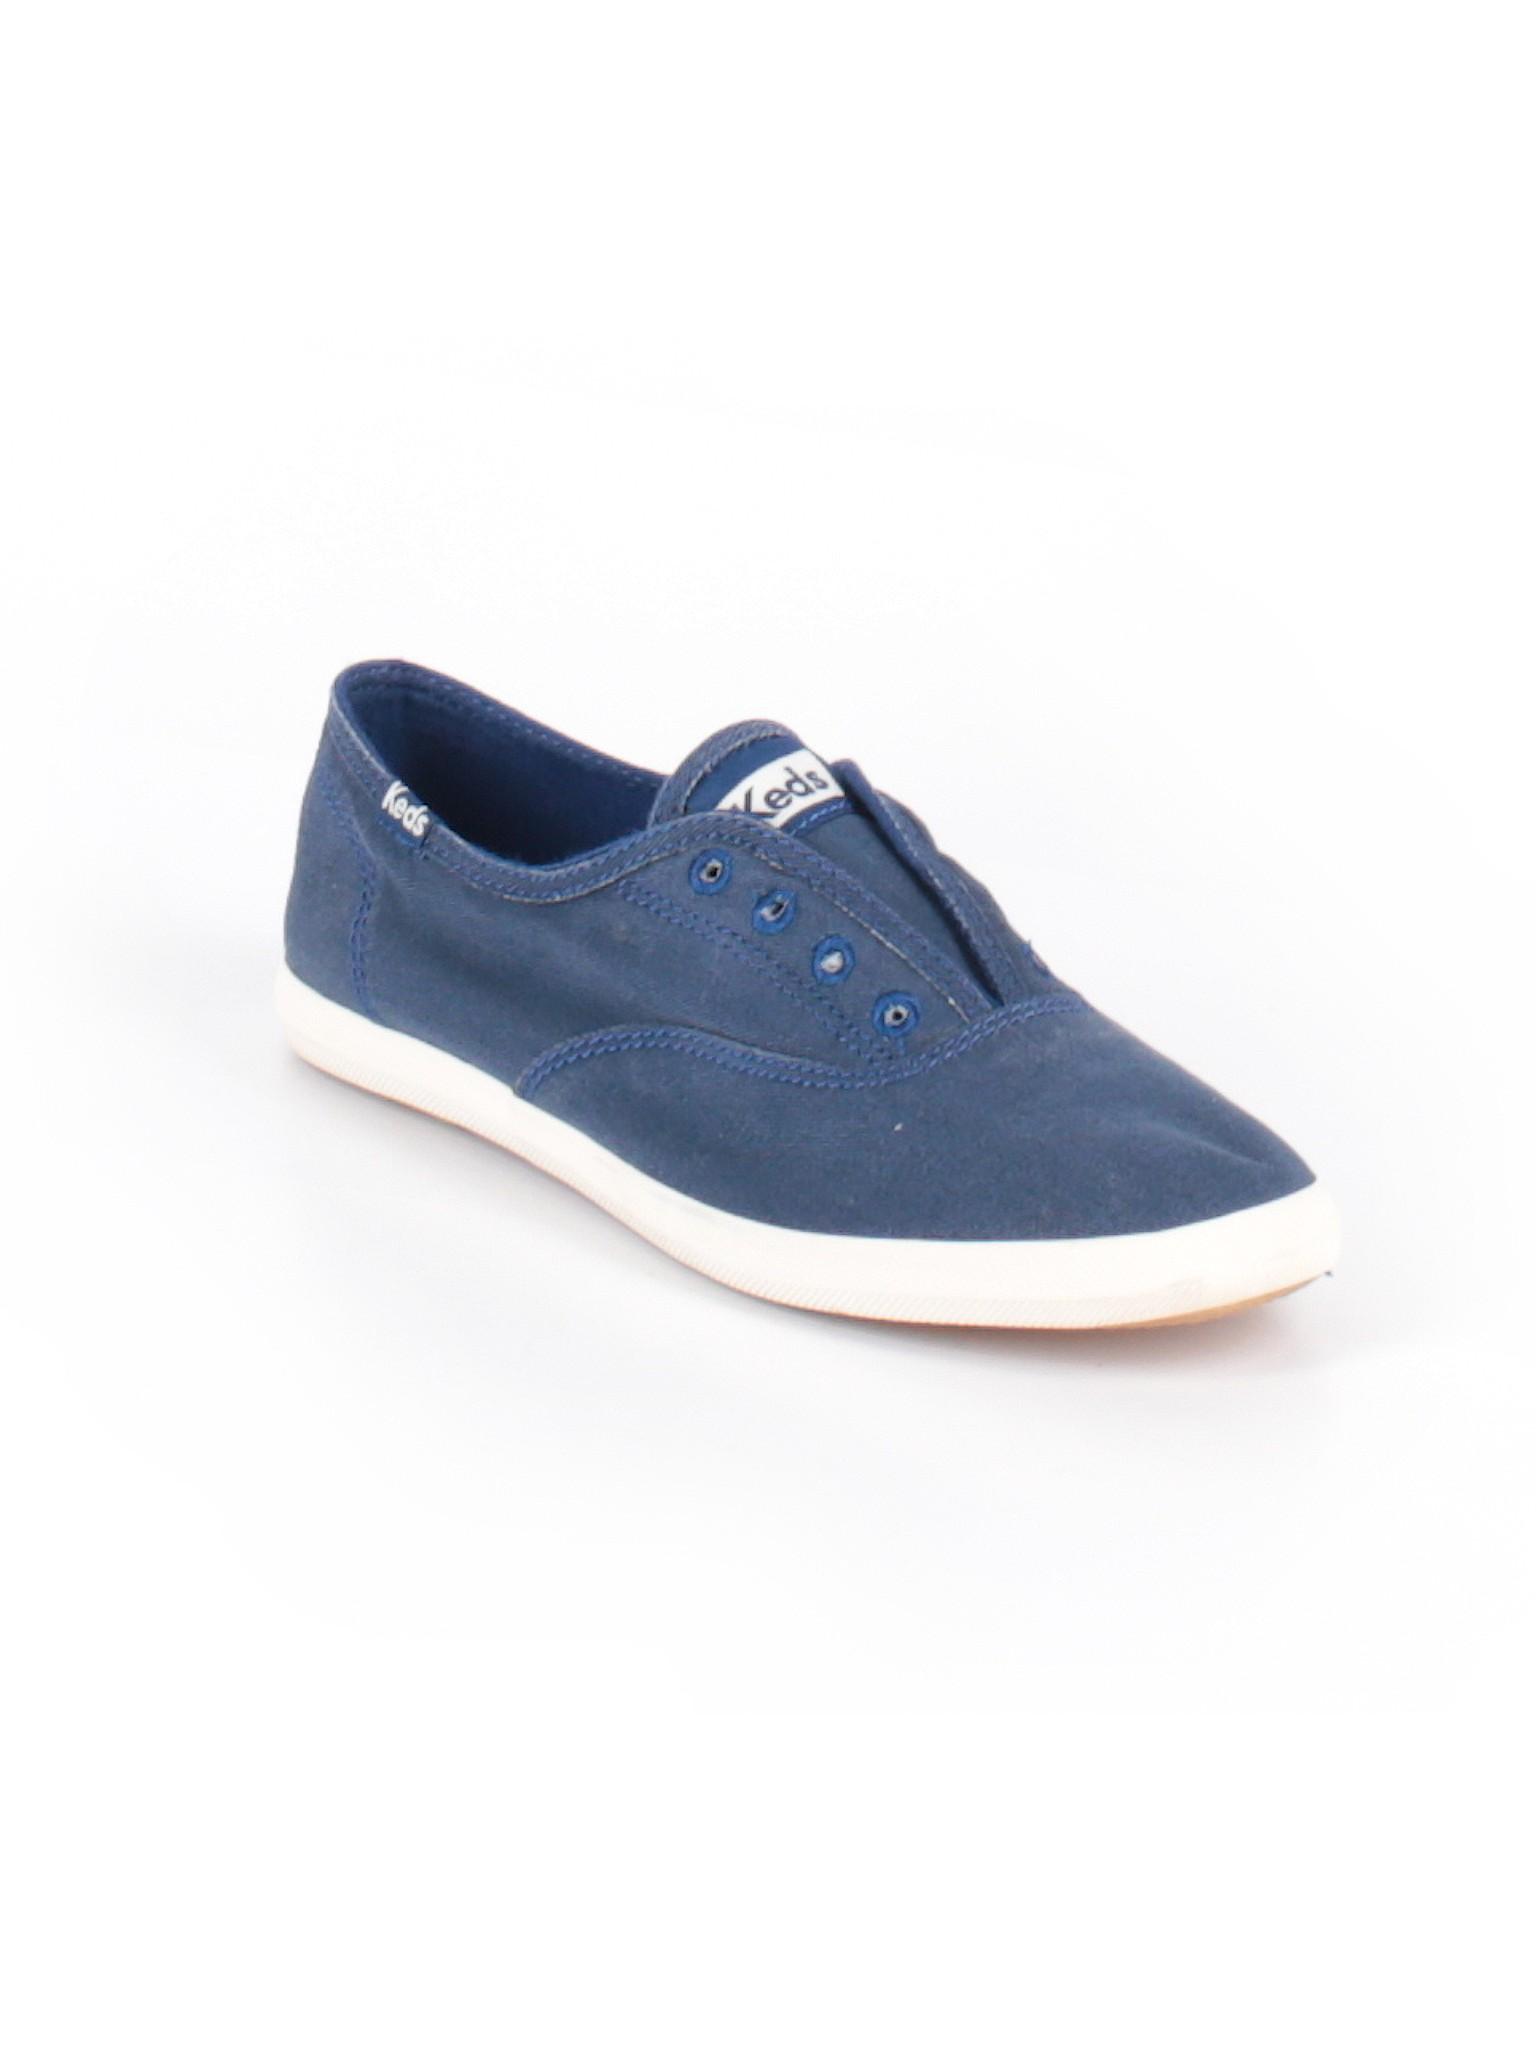 Sneakers Boutique Boutique Keds promotion promotion FxPxZaf4Xq